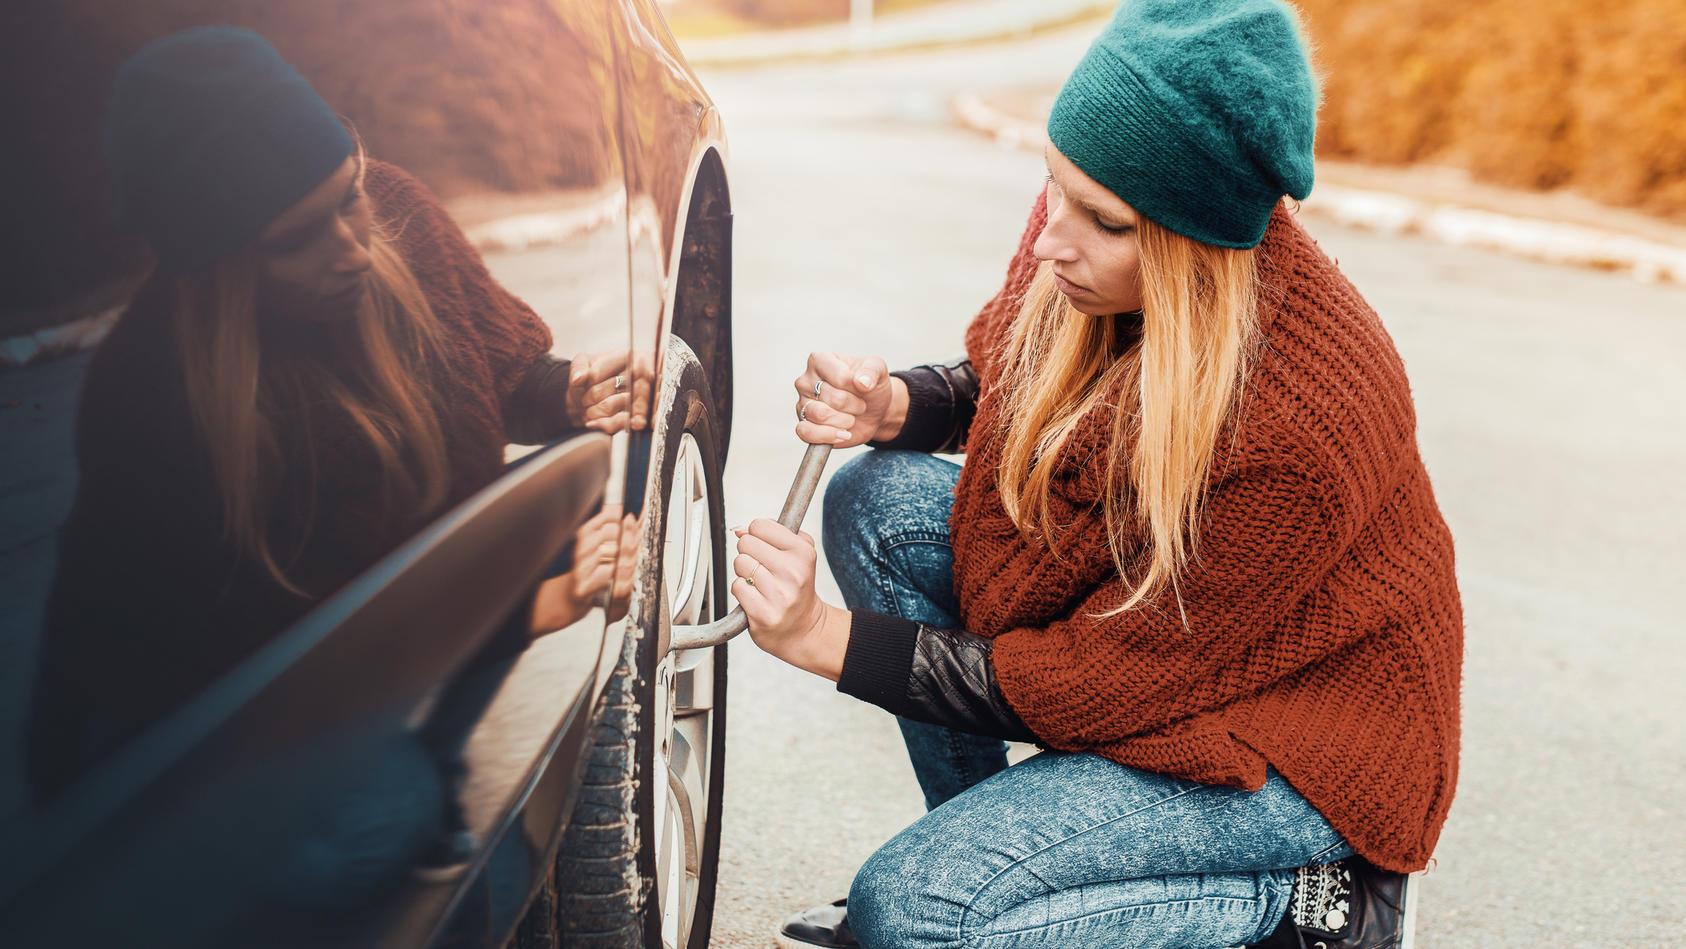 Nach dem Reifenwechsel sollte man die Radschrauben überprüfen.